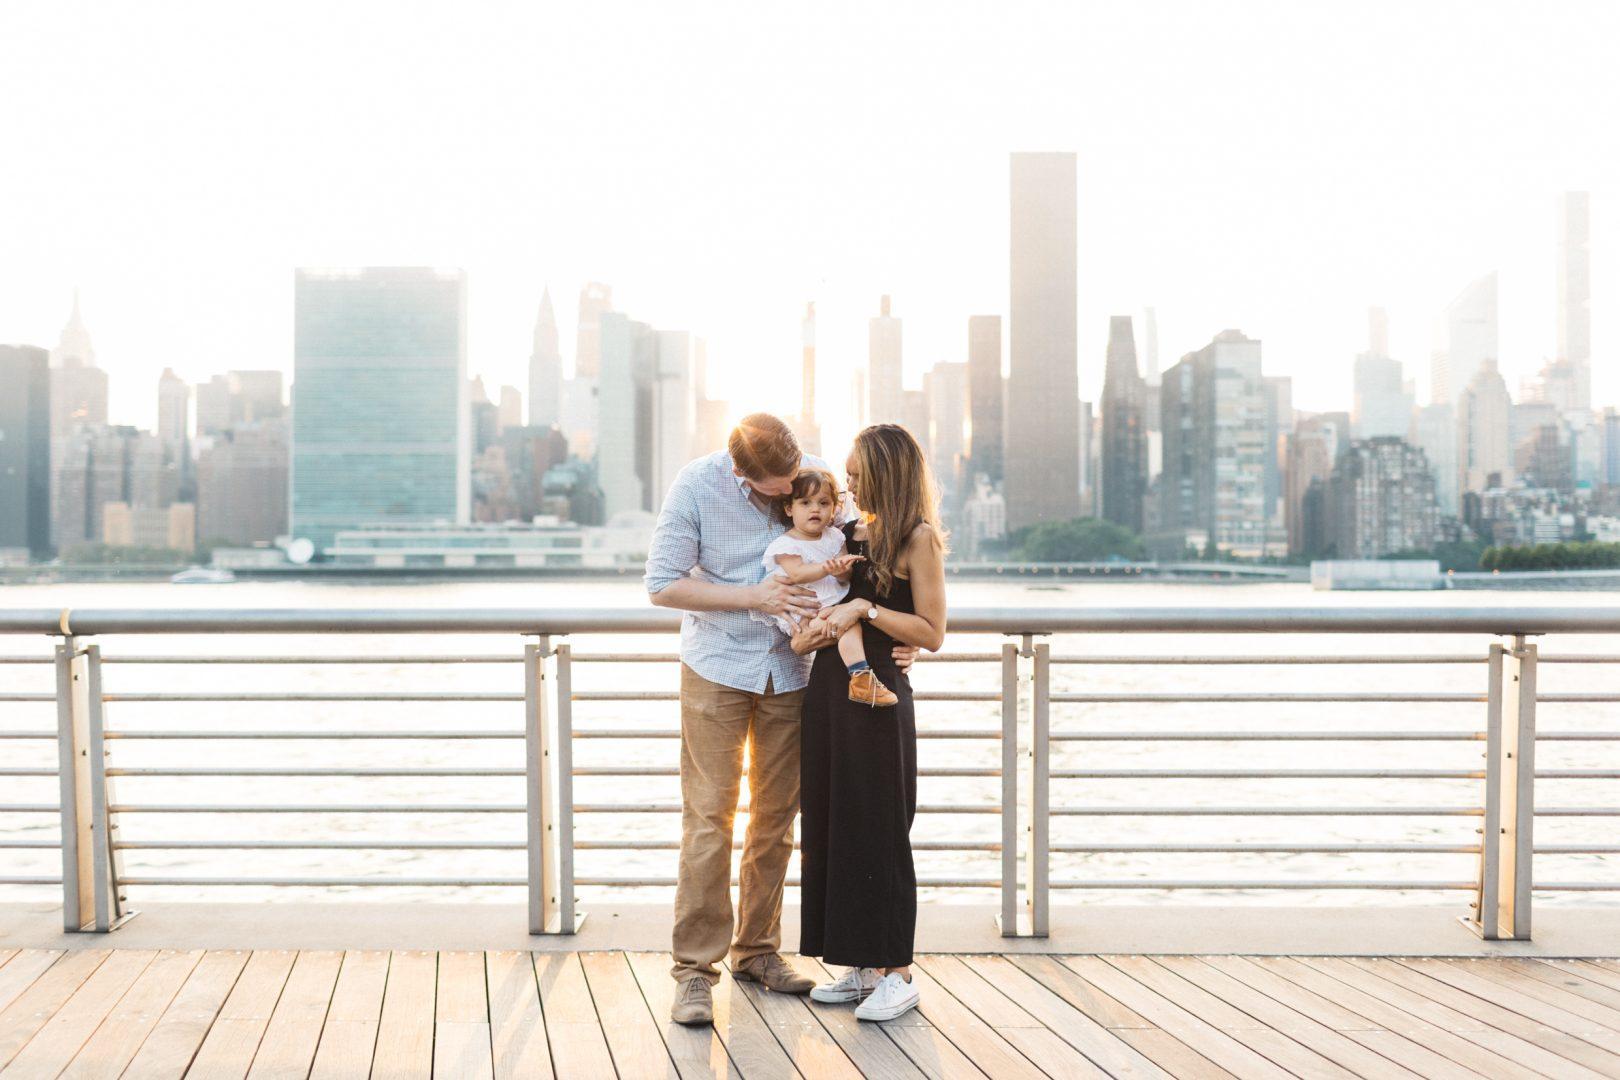 longislandcity_familysession_daphnecebekphotography